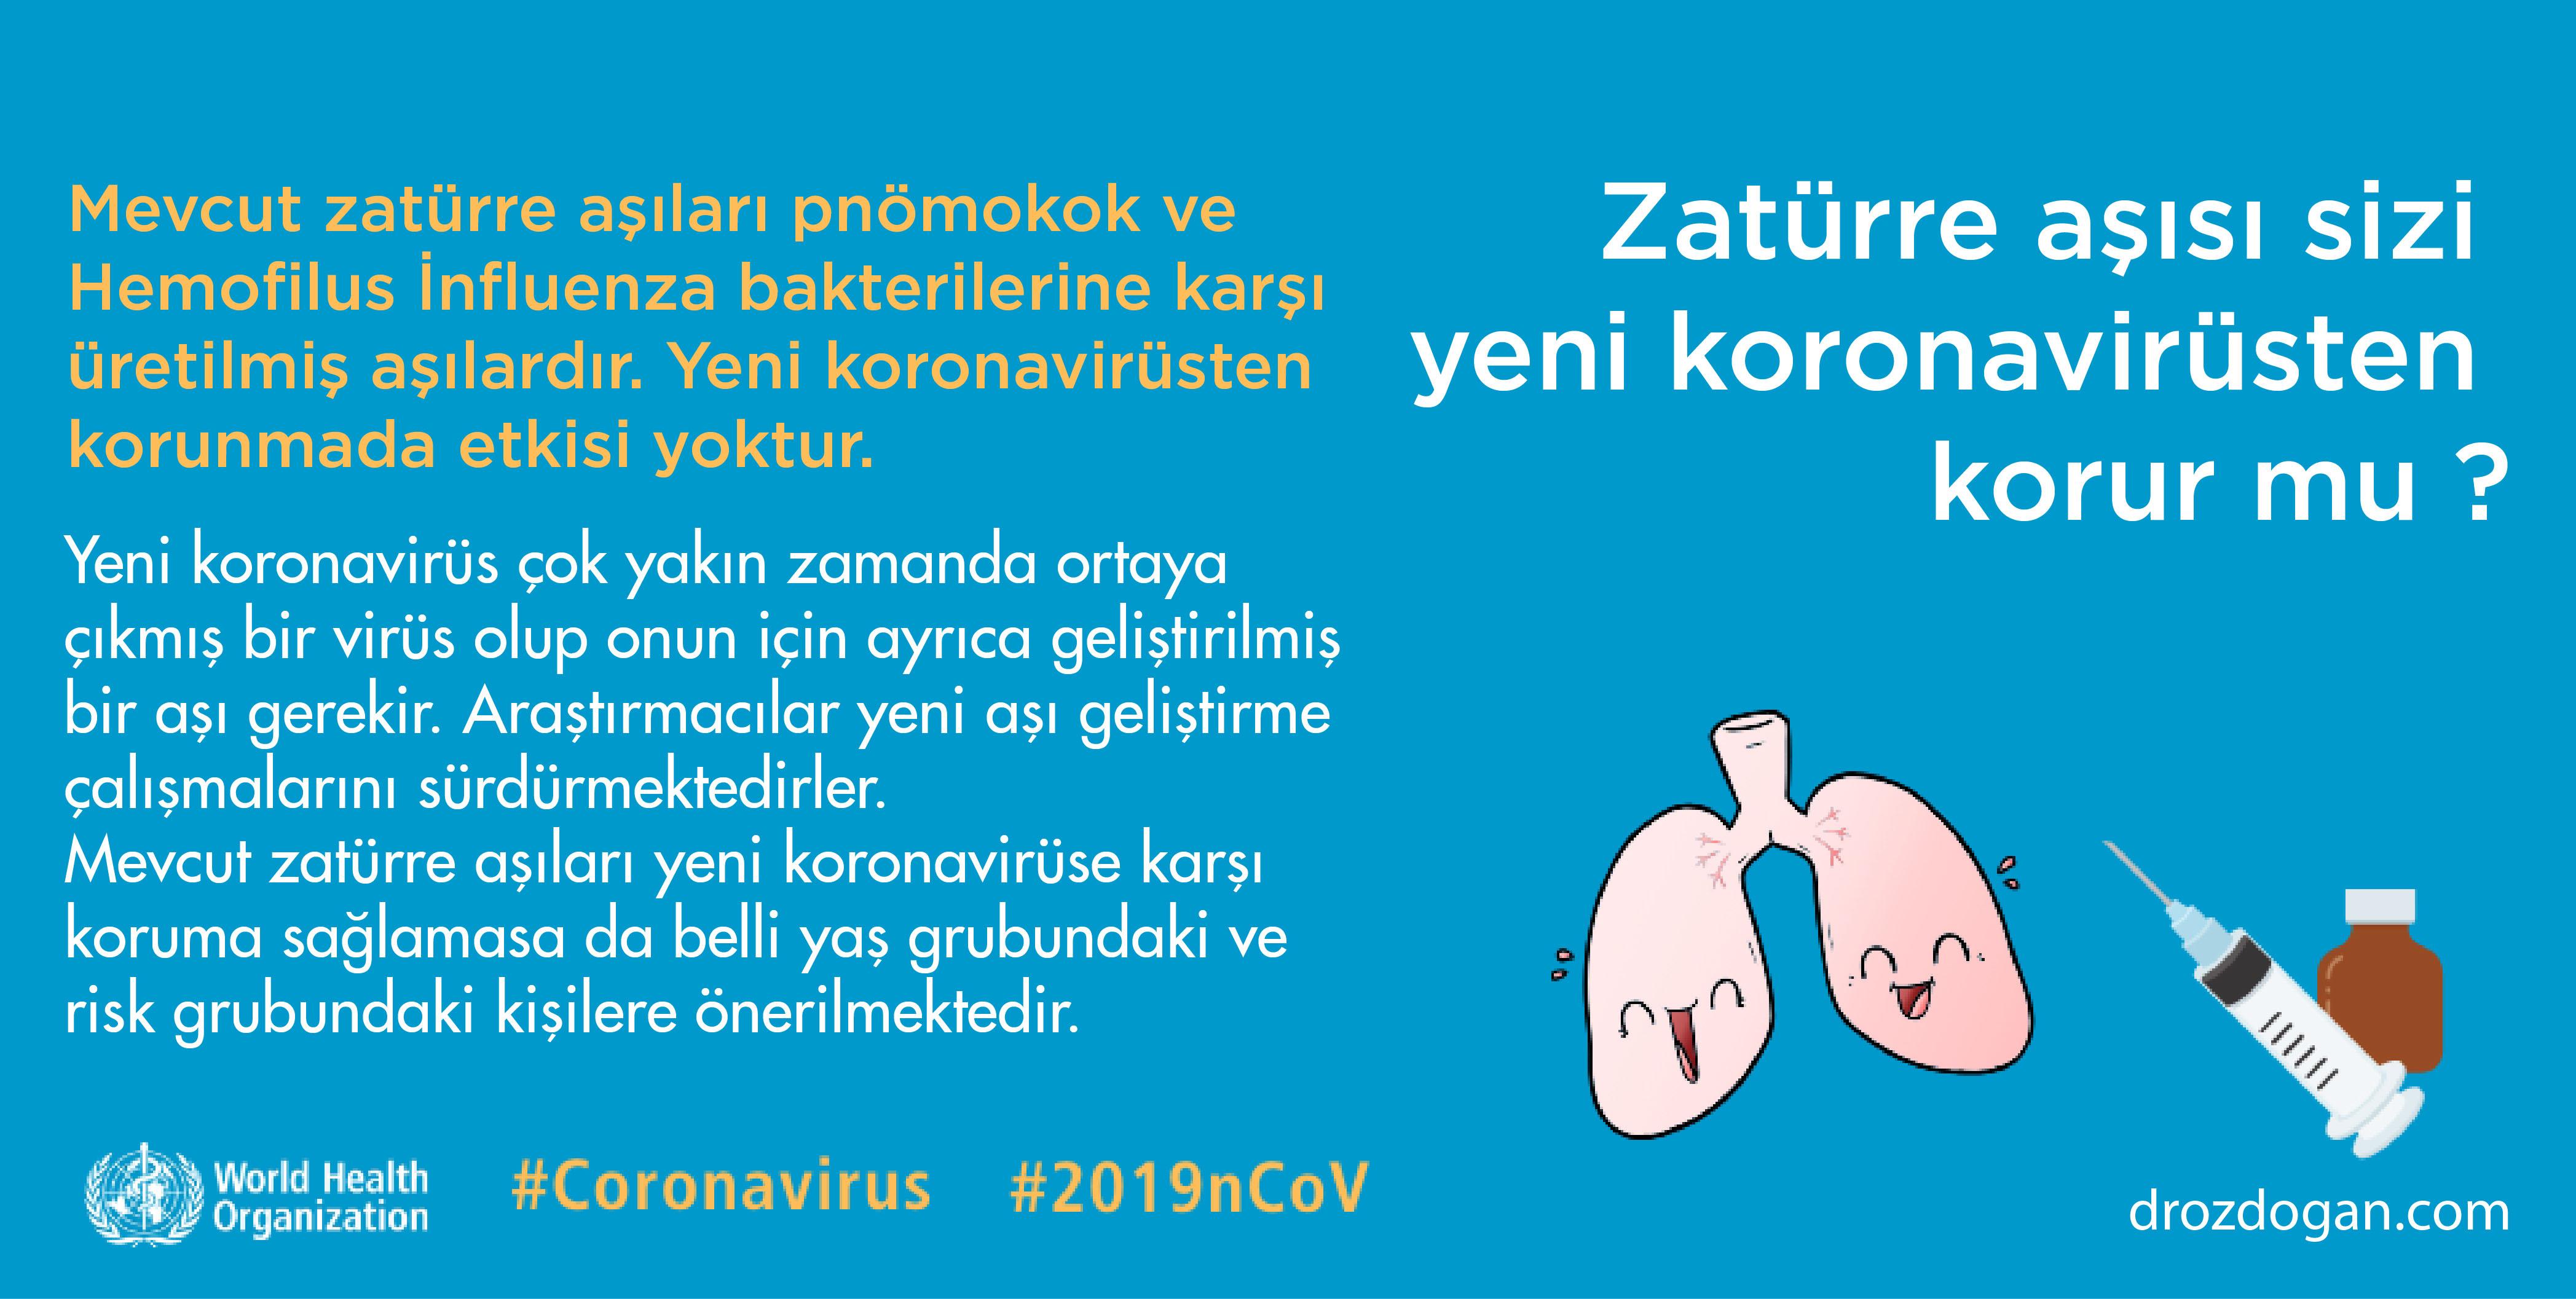 pnömokok aşısı yeni koronavirüsten korur mu